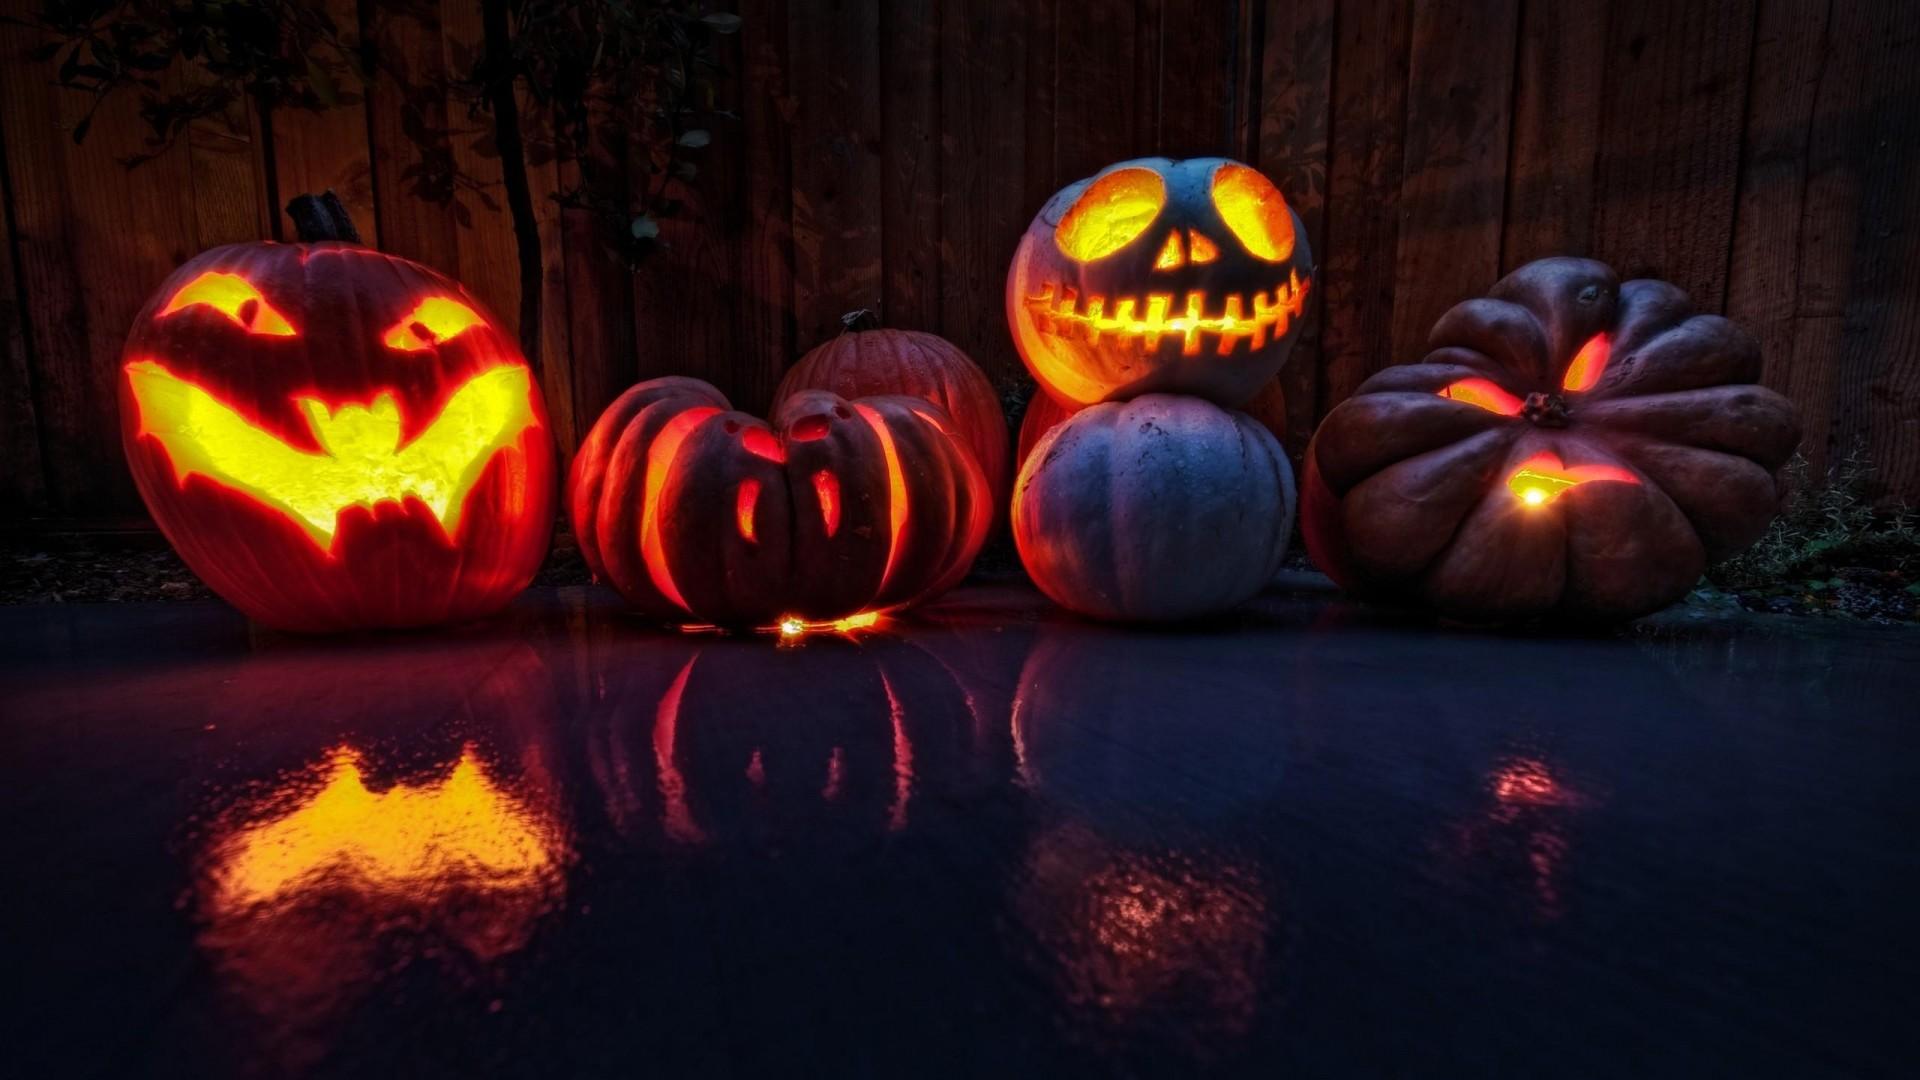 Wallpaper halloween, holiday, pumpkin, lanterns, faces